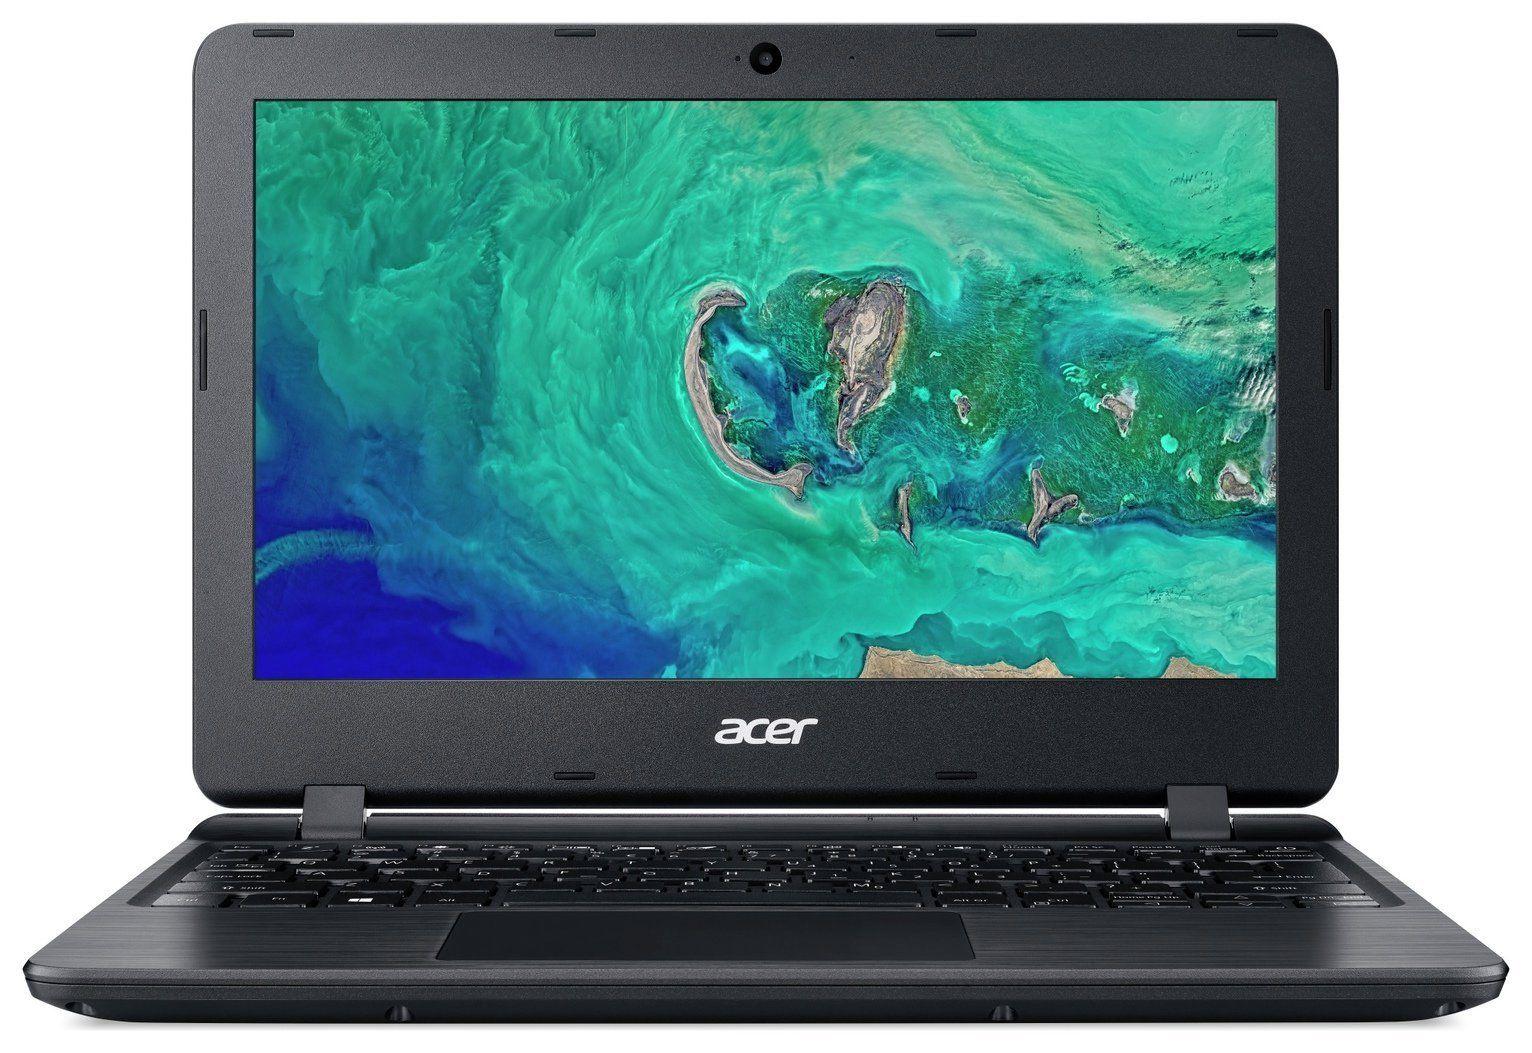 Refurbished Acer Aspire 1 11 Inch Celeron 1.1GHz 2GB 32GB Cloudbook £58.89 @ Argos Ebay